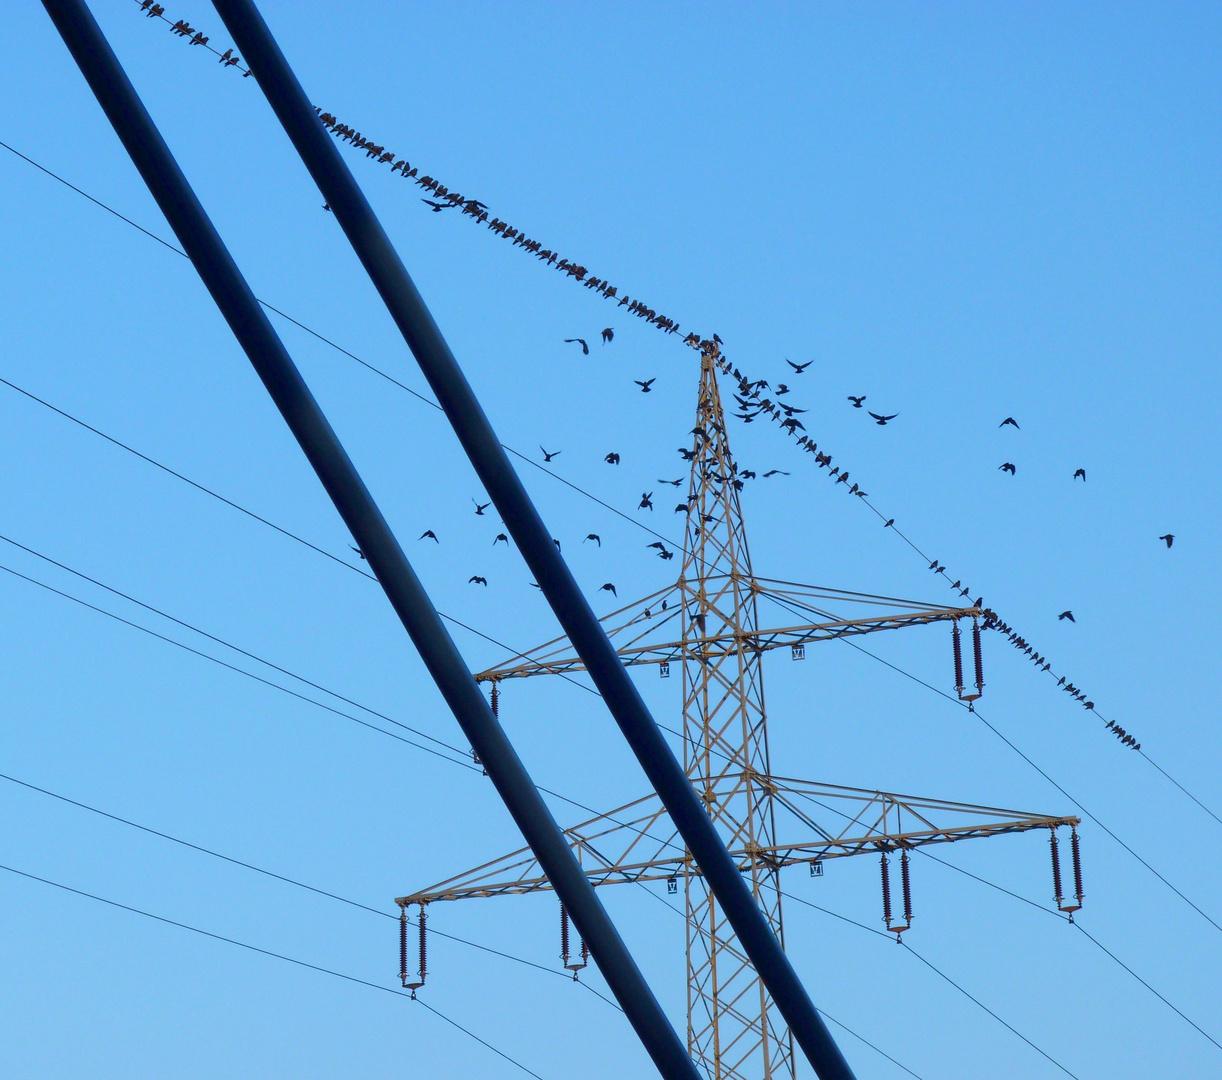 Zugvögel Schlafplatz auf der Energie Trasse